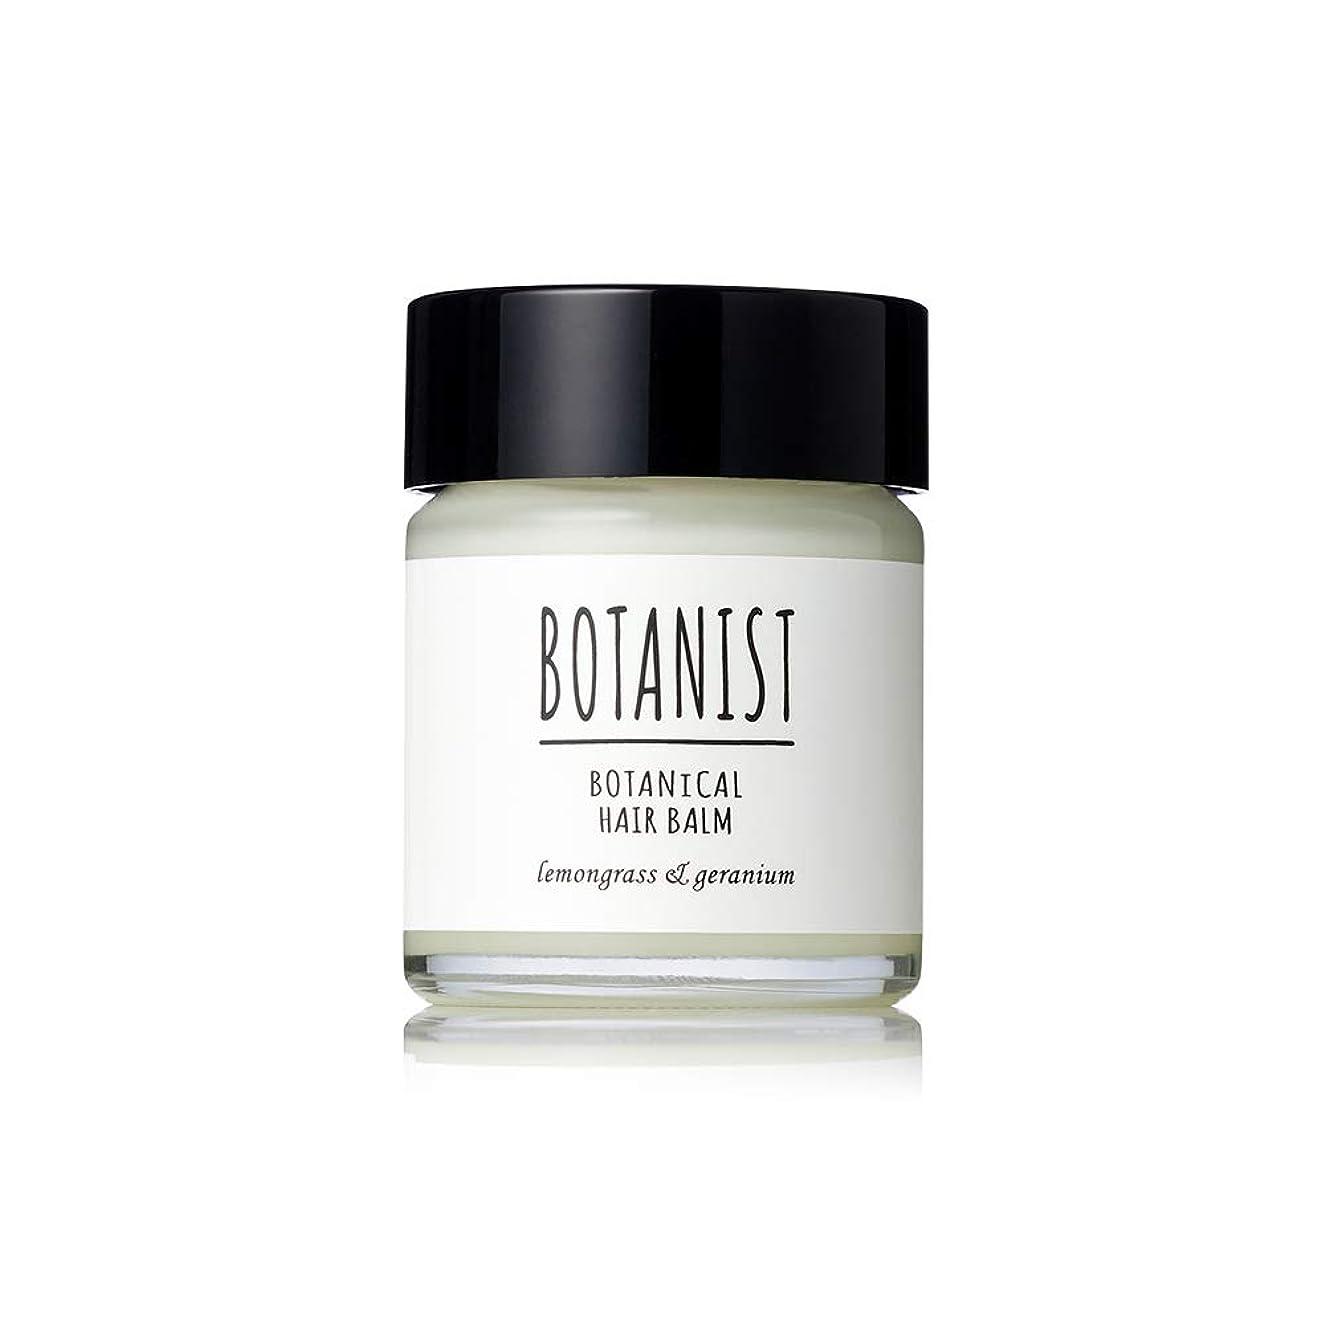 宣教師取るデータムBOTANIST ボタニスト ボタニカルヘアバーム 32g レモングラス&ゼラニウムの香り